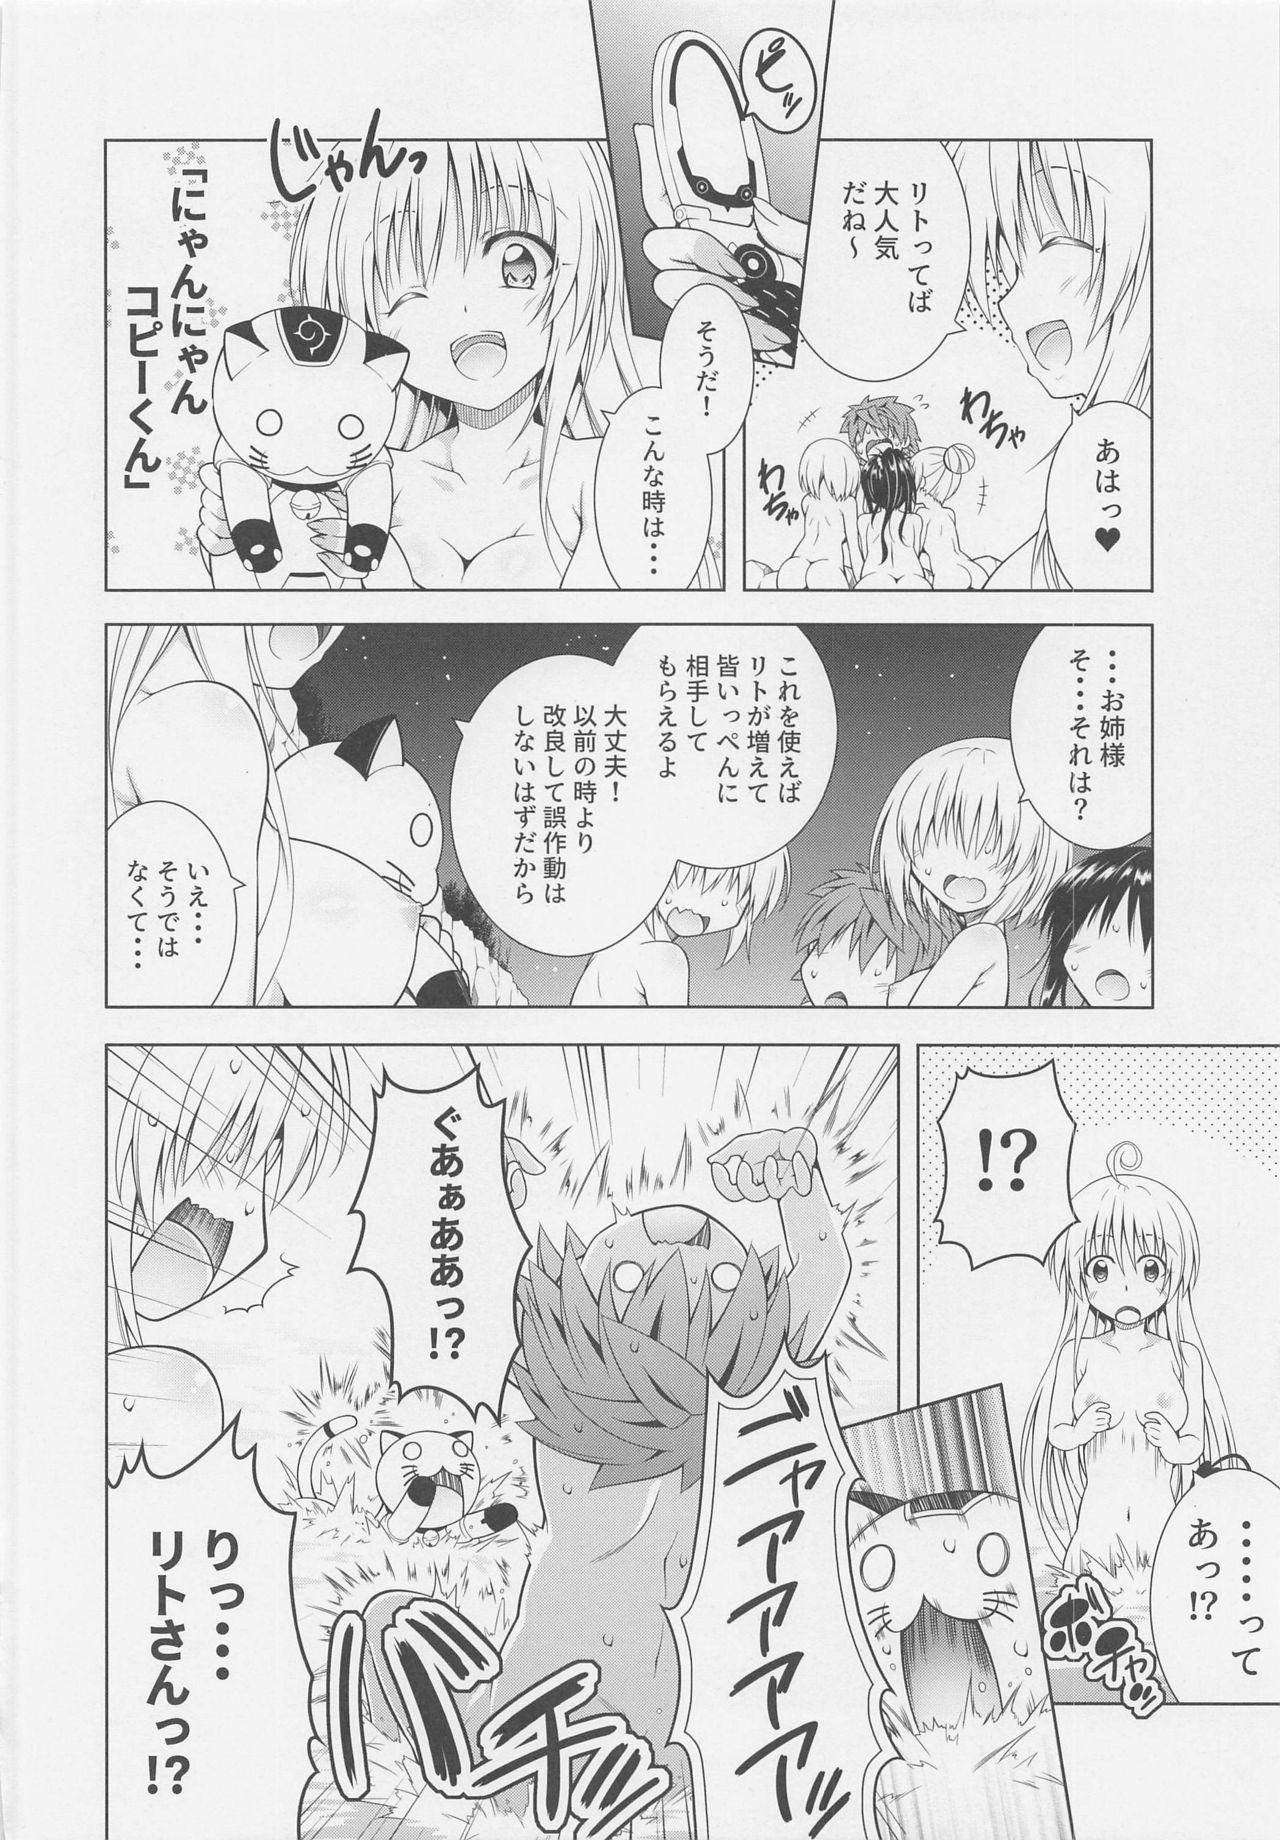 Rito-san no Harem Seikatsu 9 17